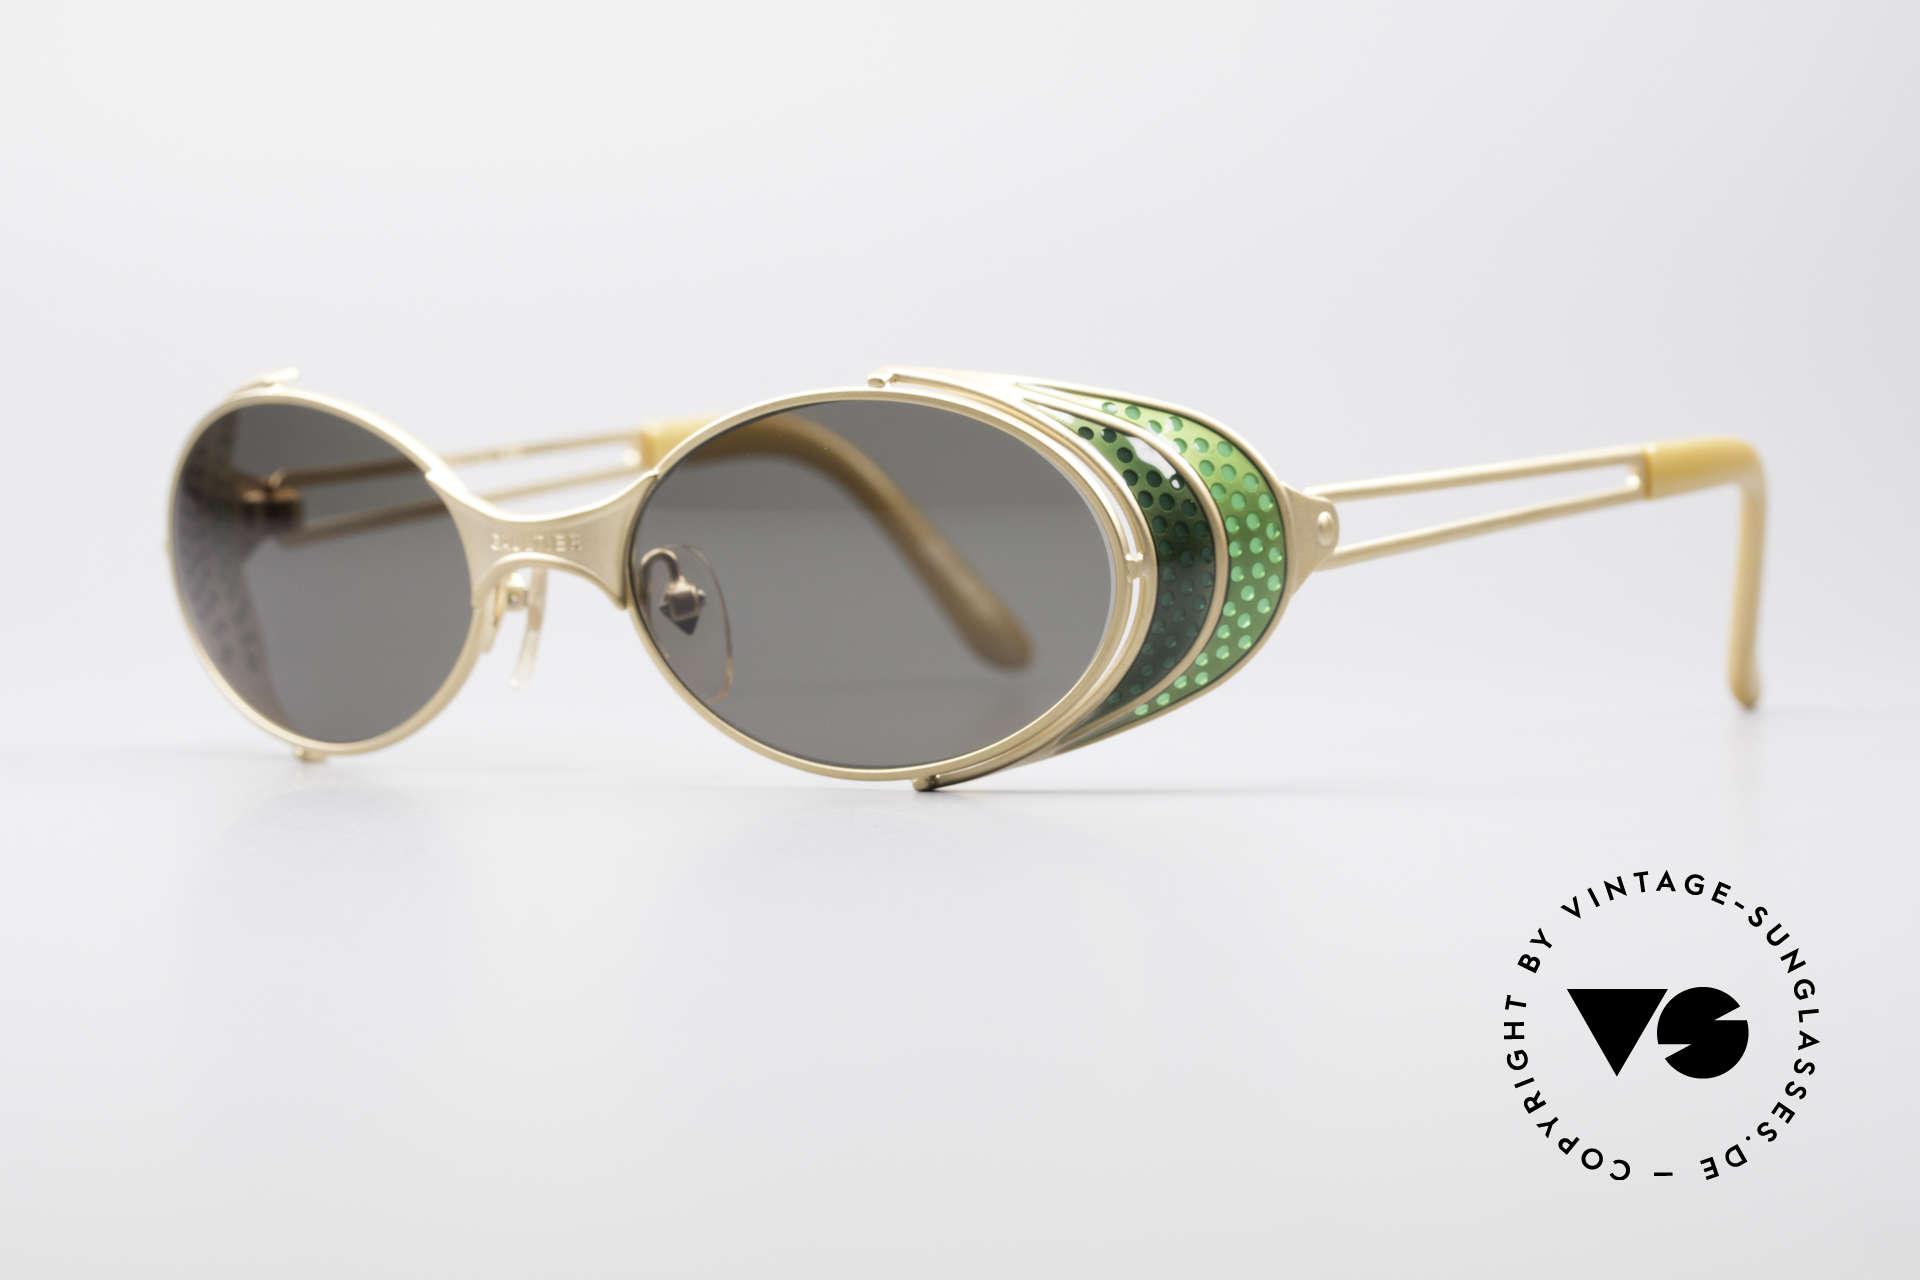 Jean Paul Gaultier 56-7109 Steampunk Sonnenbrille, viele interessante Rahmendetails im 'Retro-Futurismus', Passend für Herren und Damen